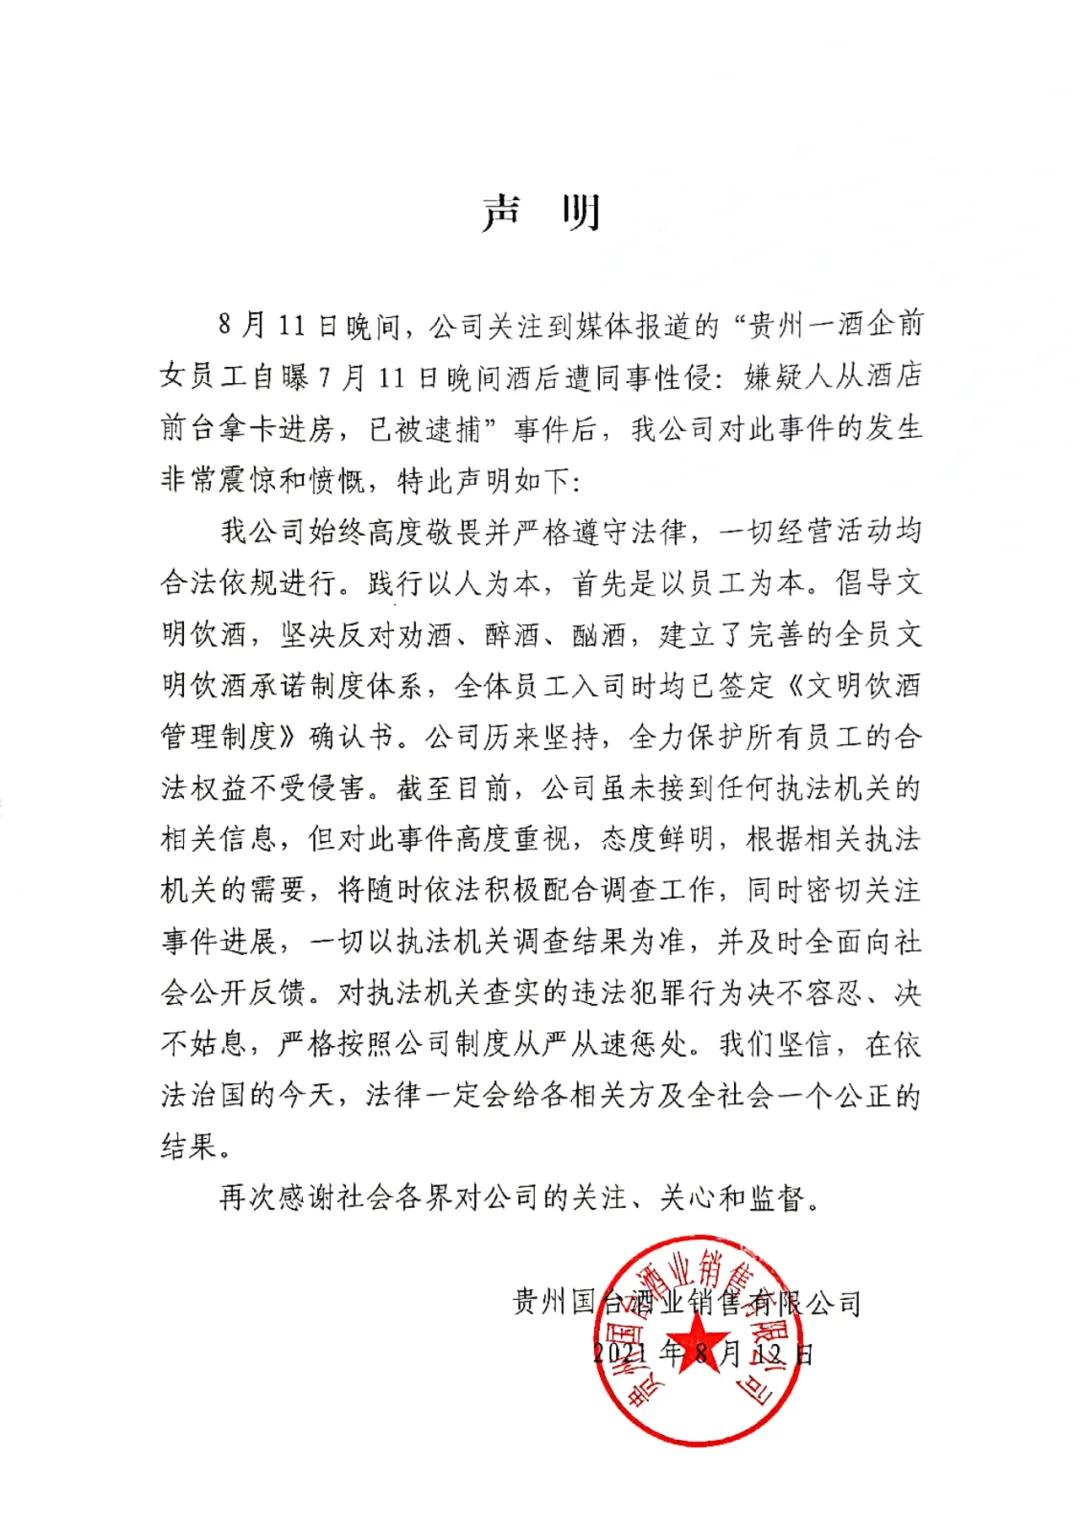 女员工自曝酒后遭同事性侵  贵州国台酒业:震惊、愤慨(图2)